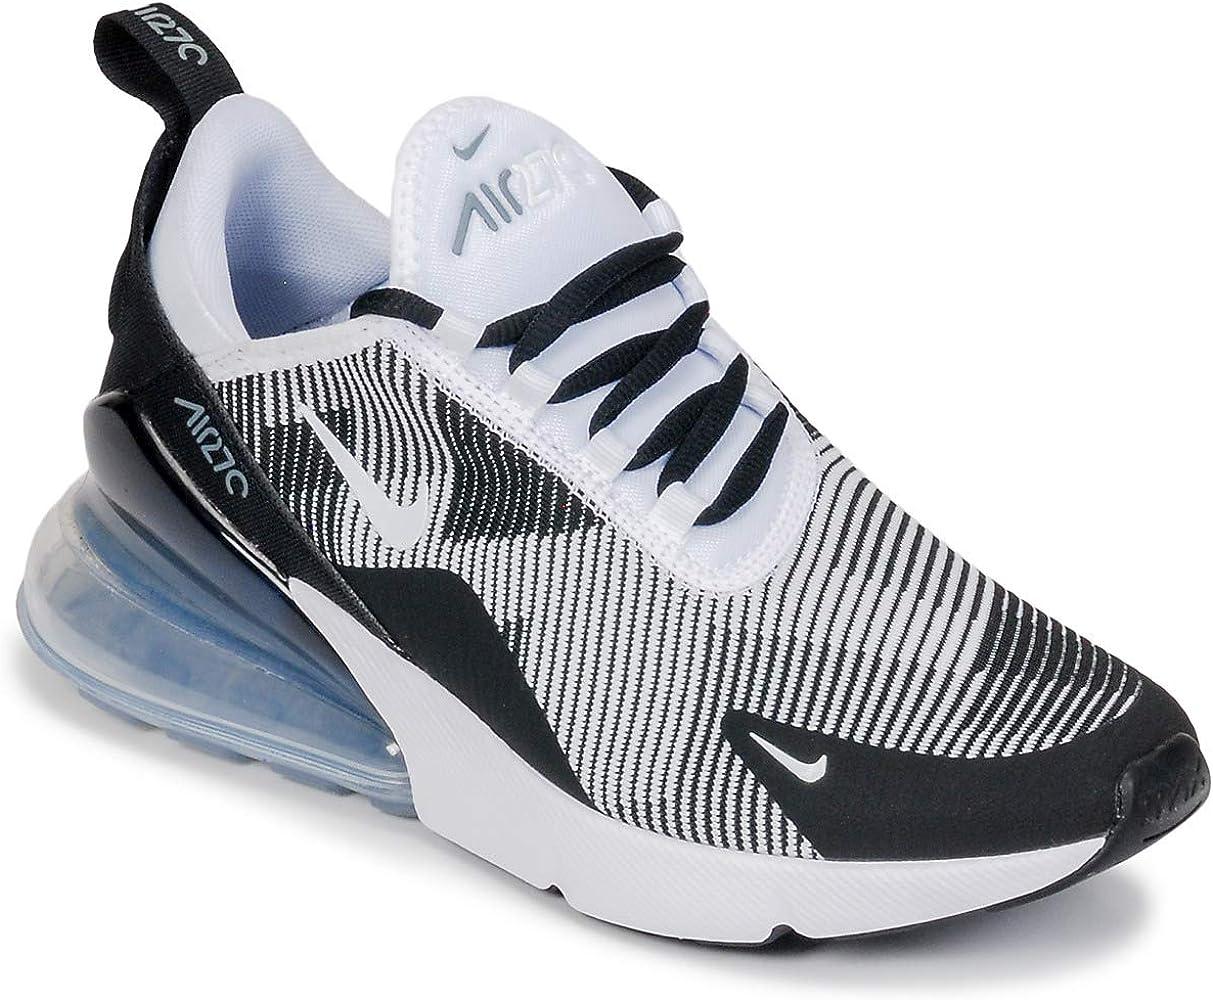 Würdet ihr mir die Nike Air Max 270 empfehlen? (Schuhe